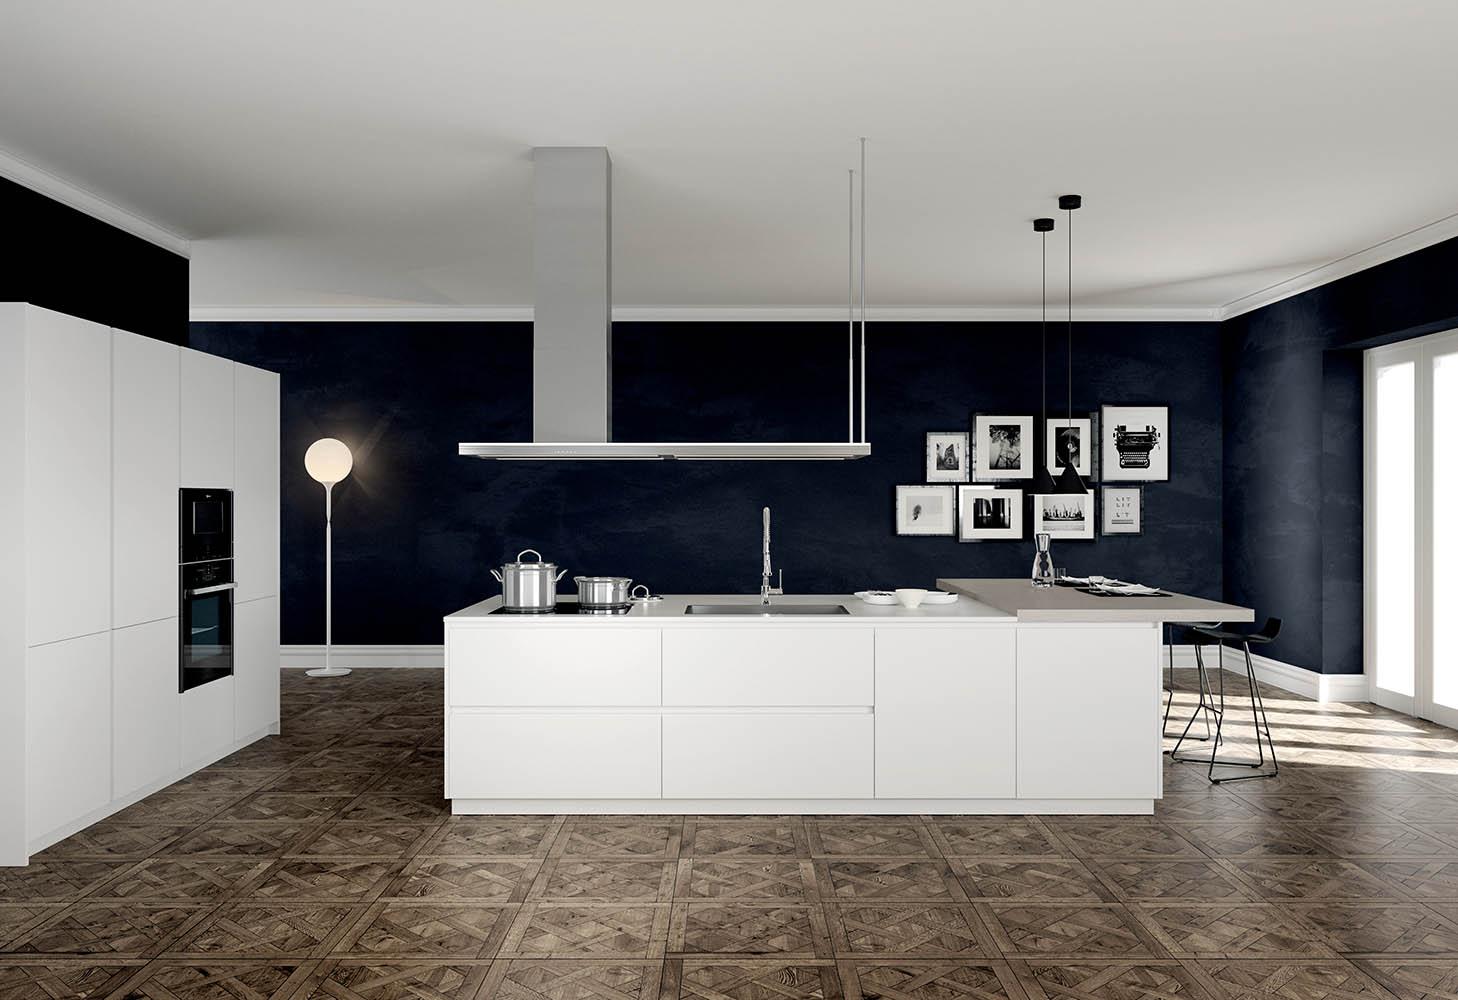 Cucine Moderne: Scegli lo stile moderno per la tua cucina | Genesin